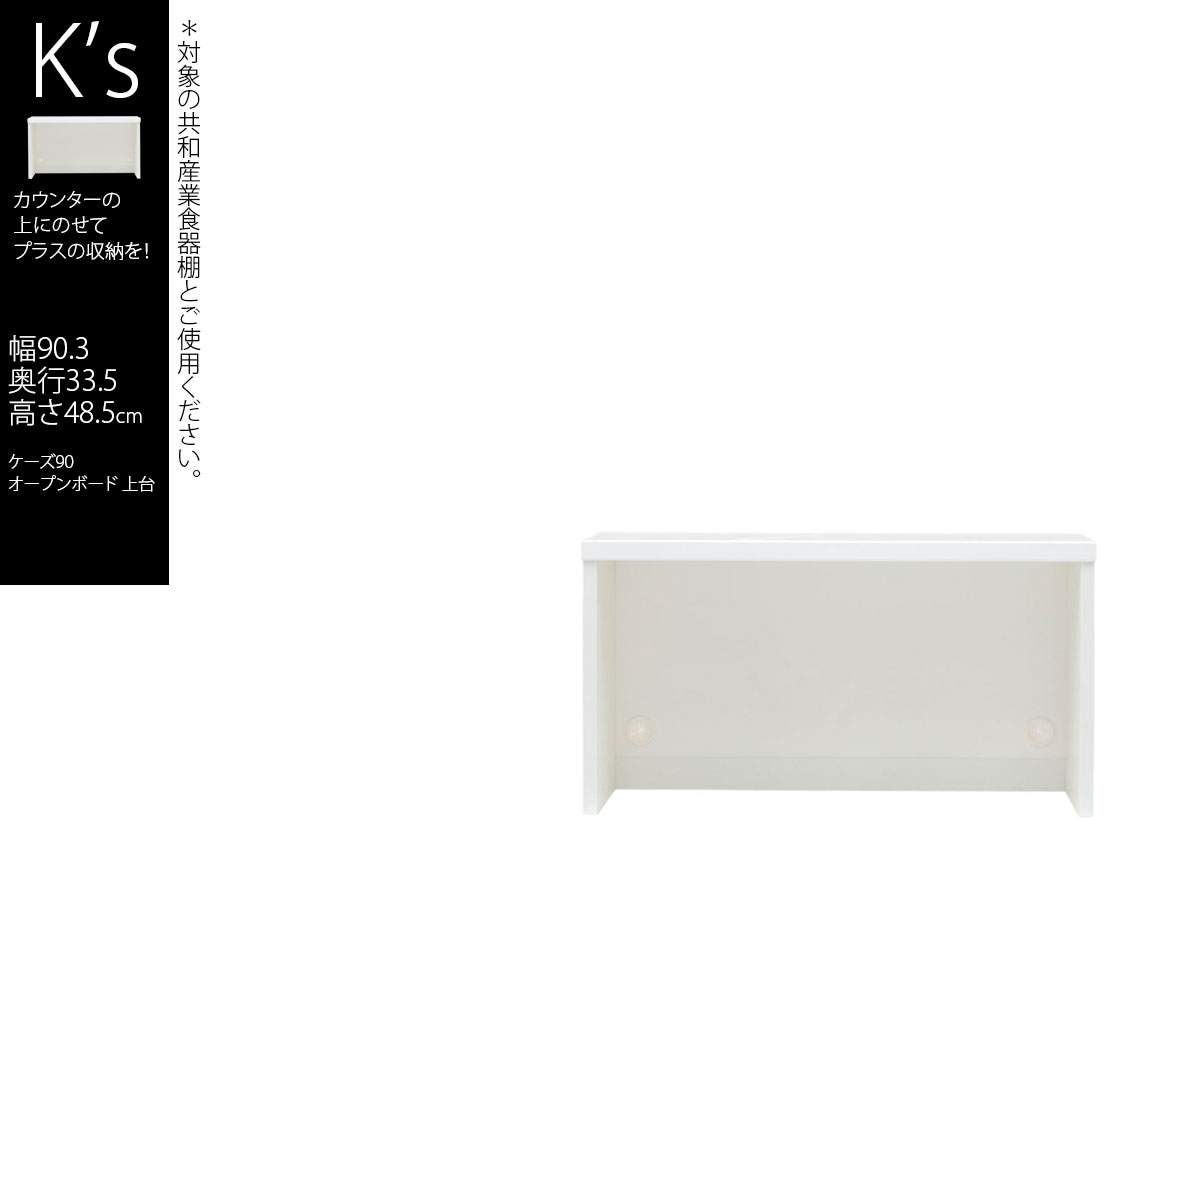 共和産業 ケーズ オープンボード キッチンカウンター 90 ホワイト【幅90.3cm】 日本製 国産